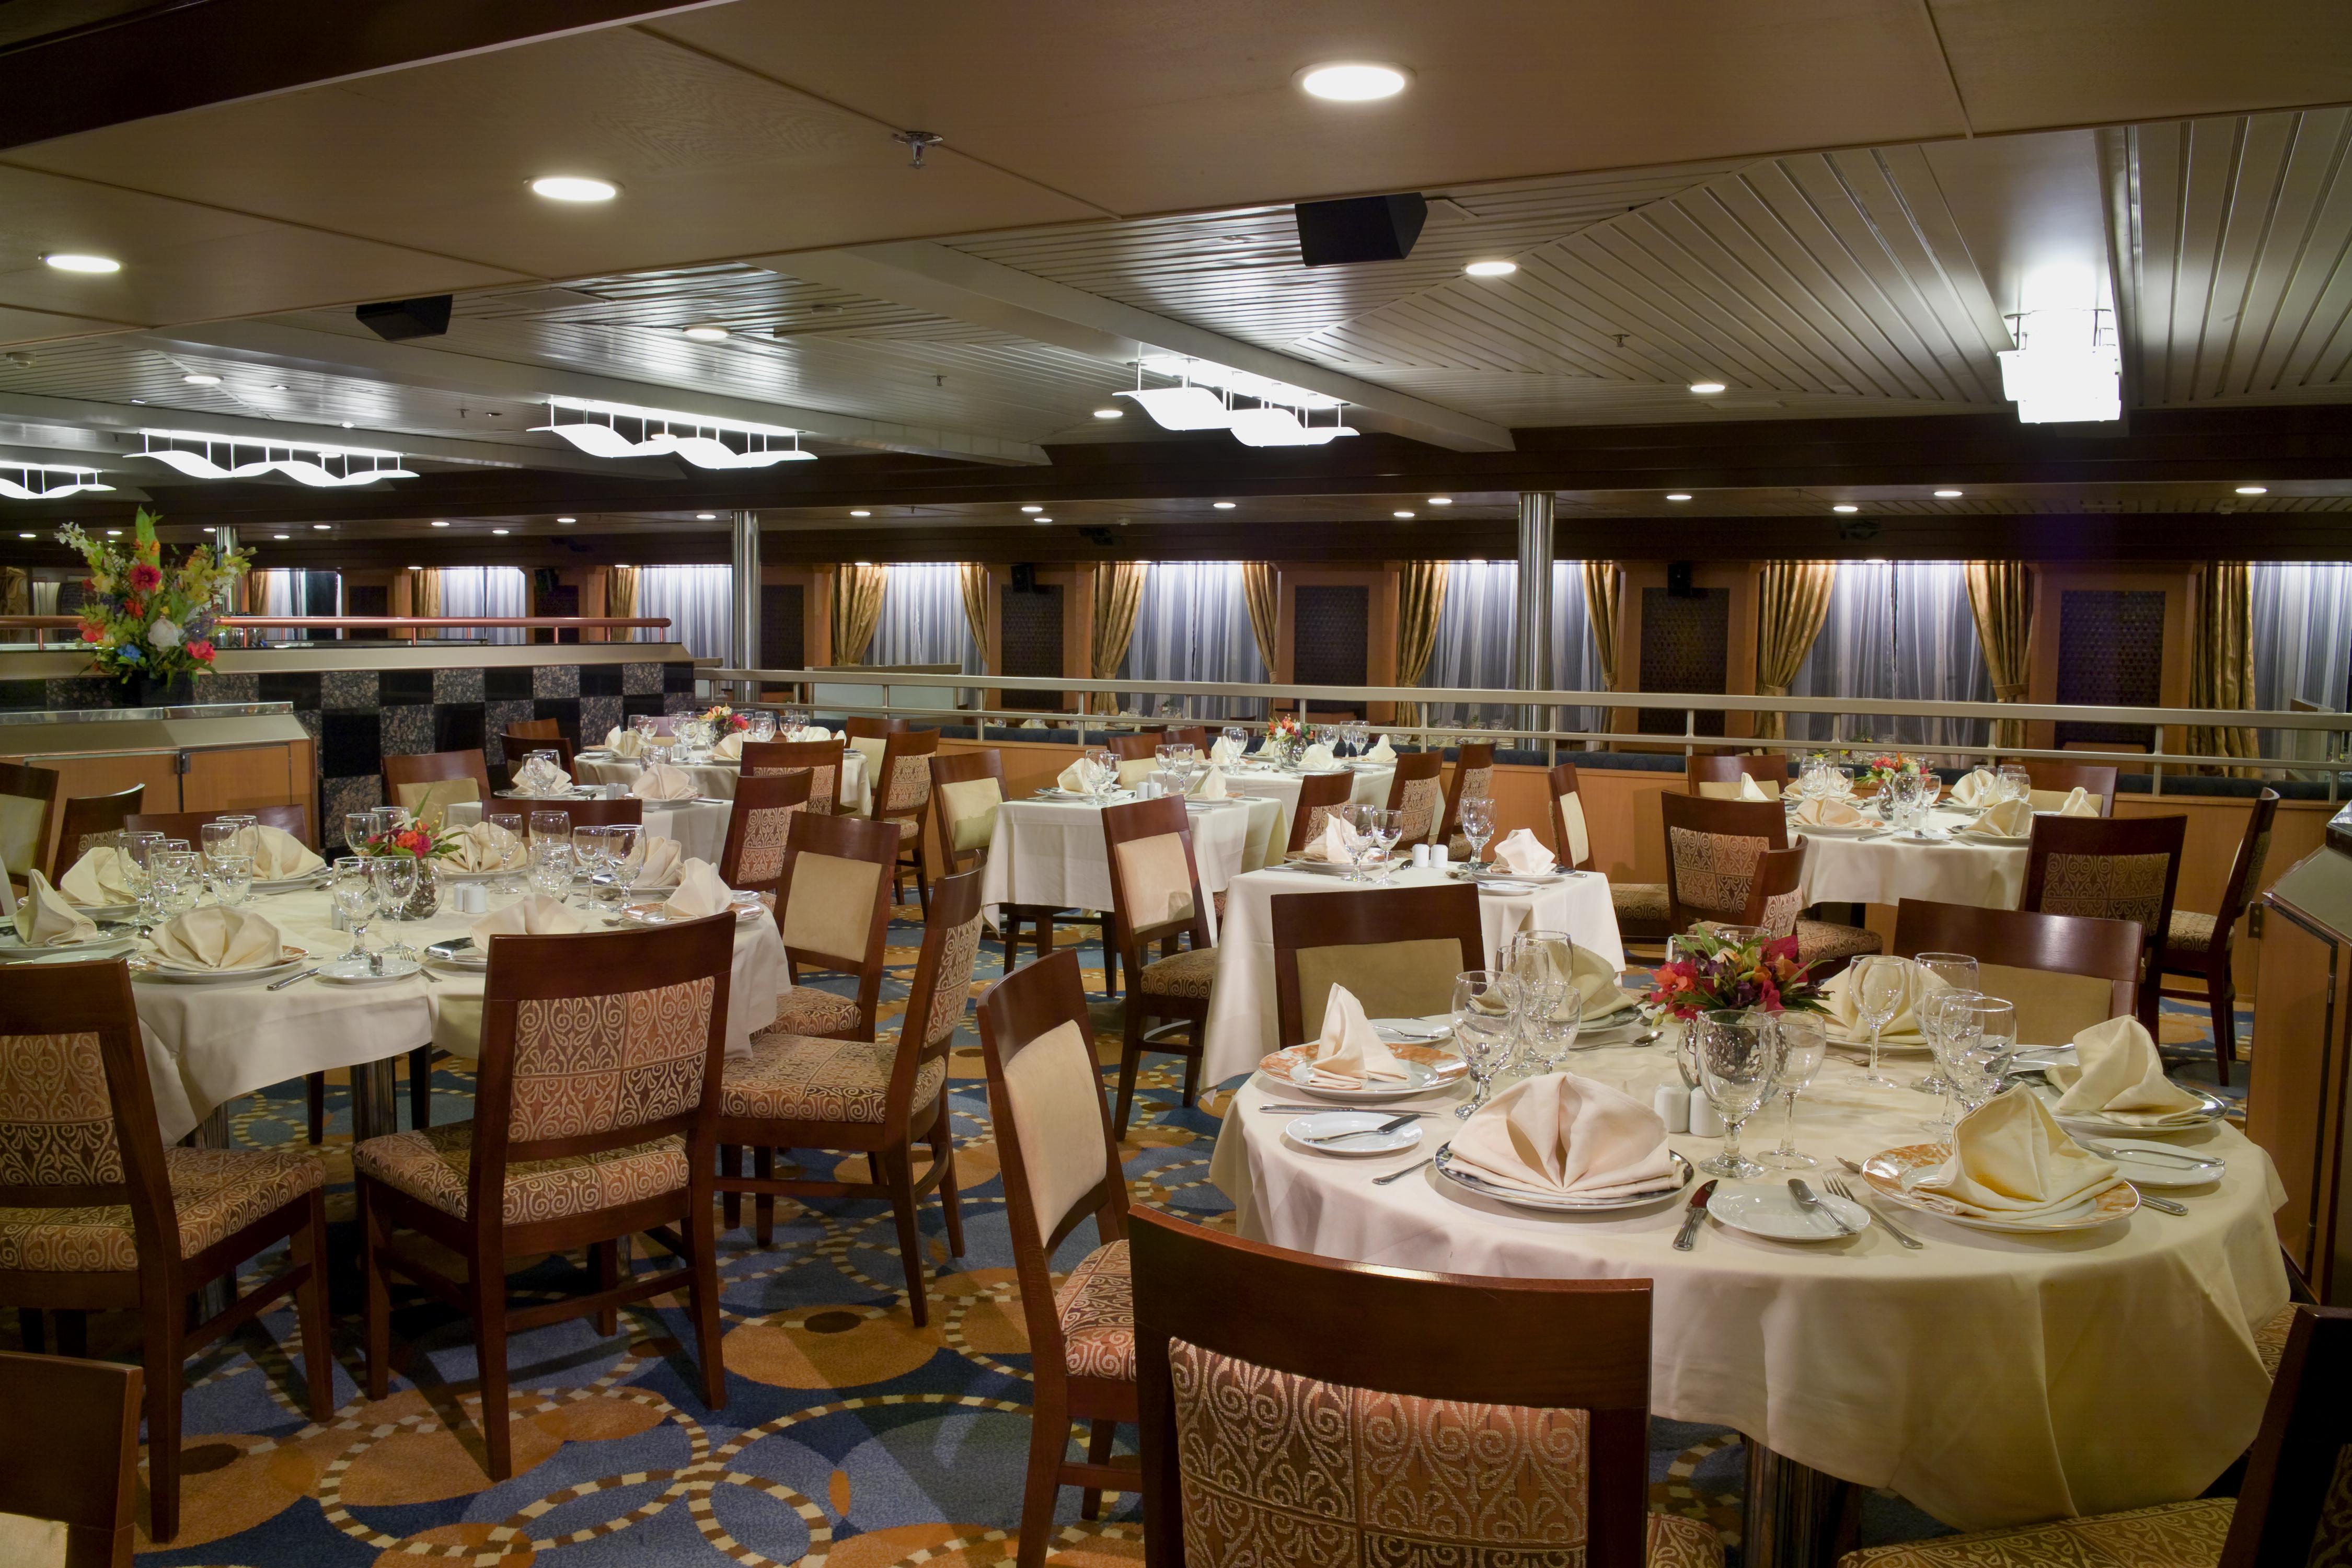 Carnival Sensation Dining Room.jpg